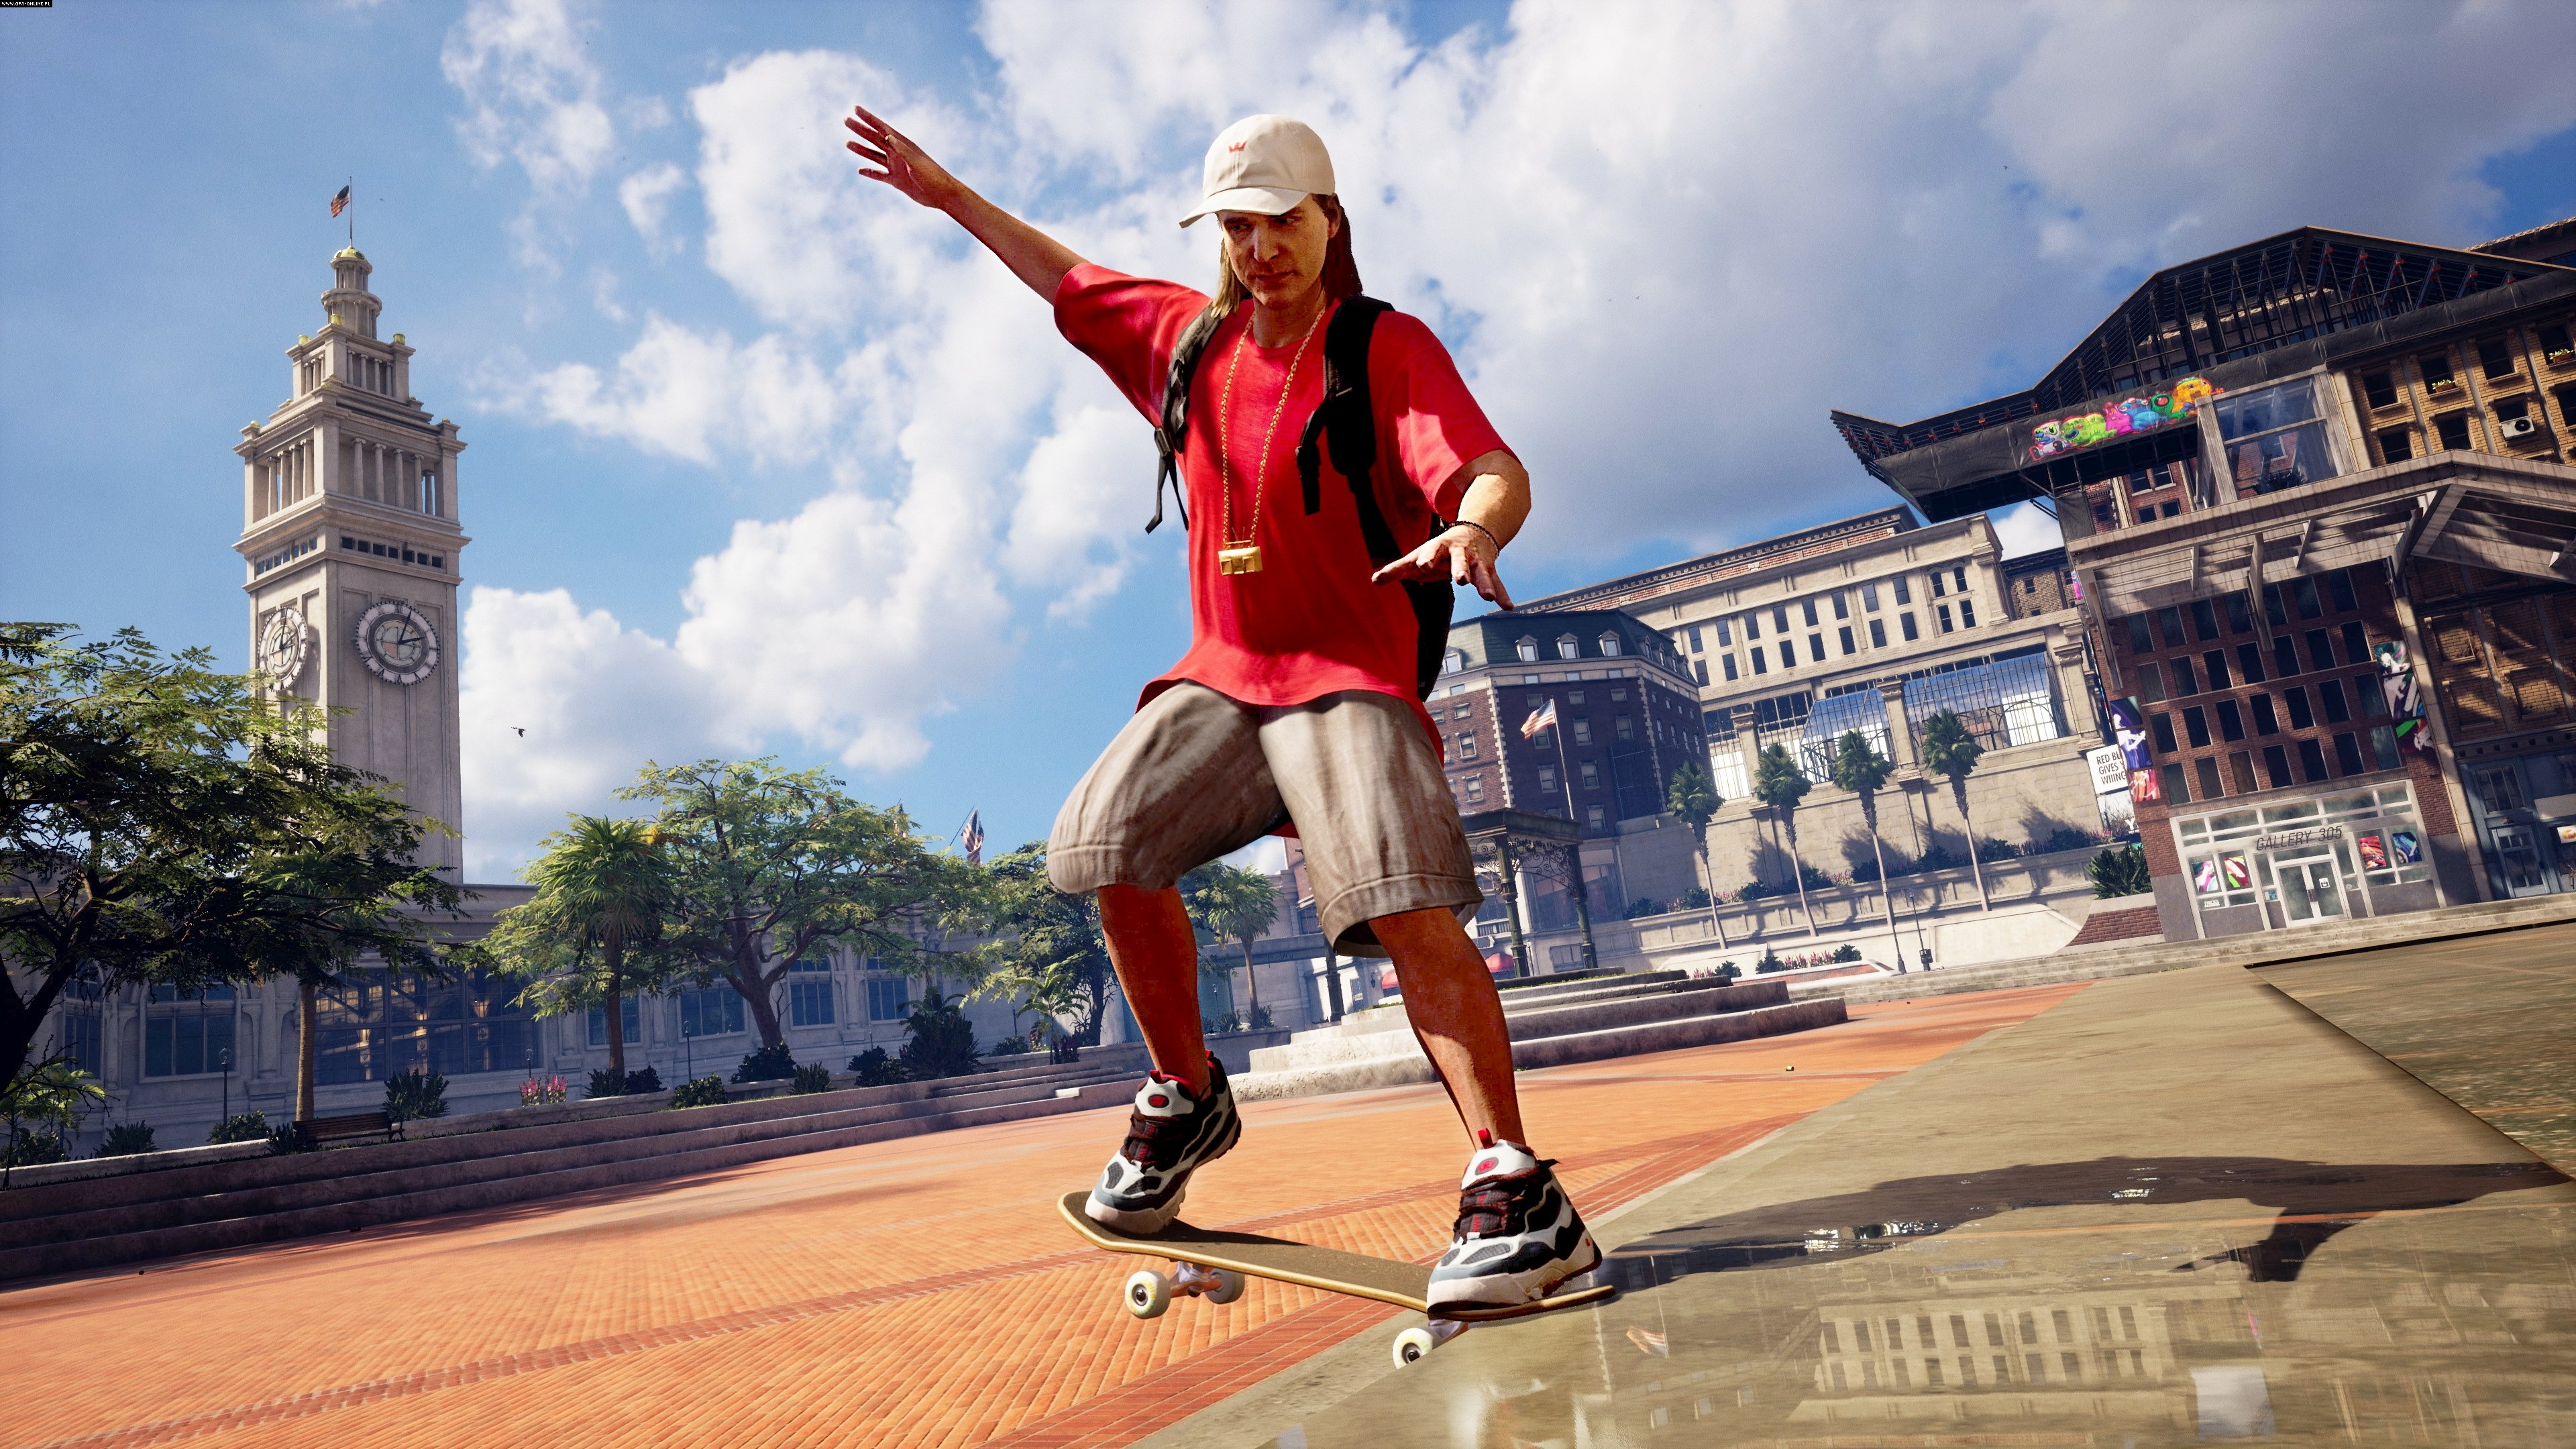 Tony Hawk's Pro Skater 1+2 PS5 gAMEPLAY